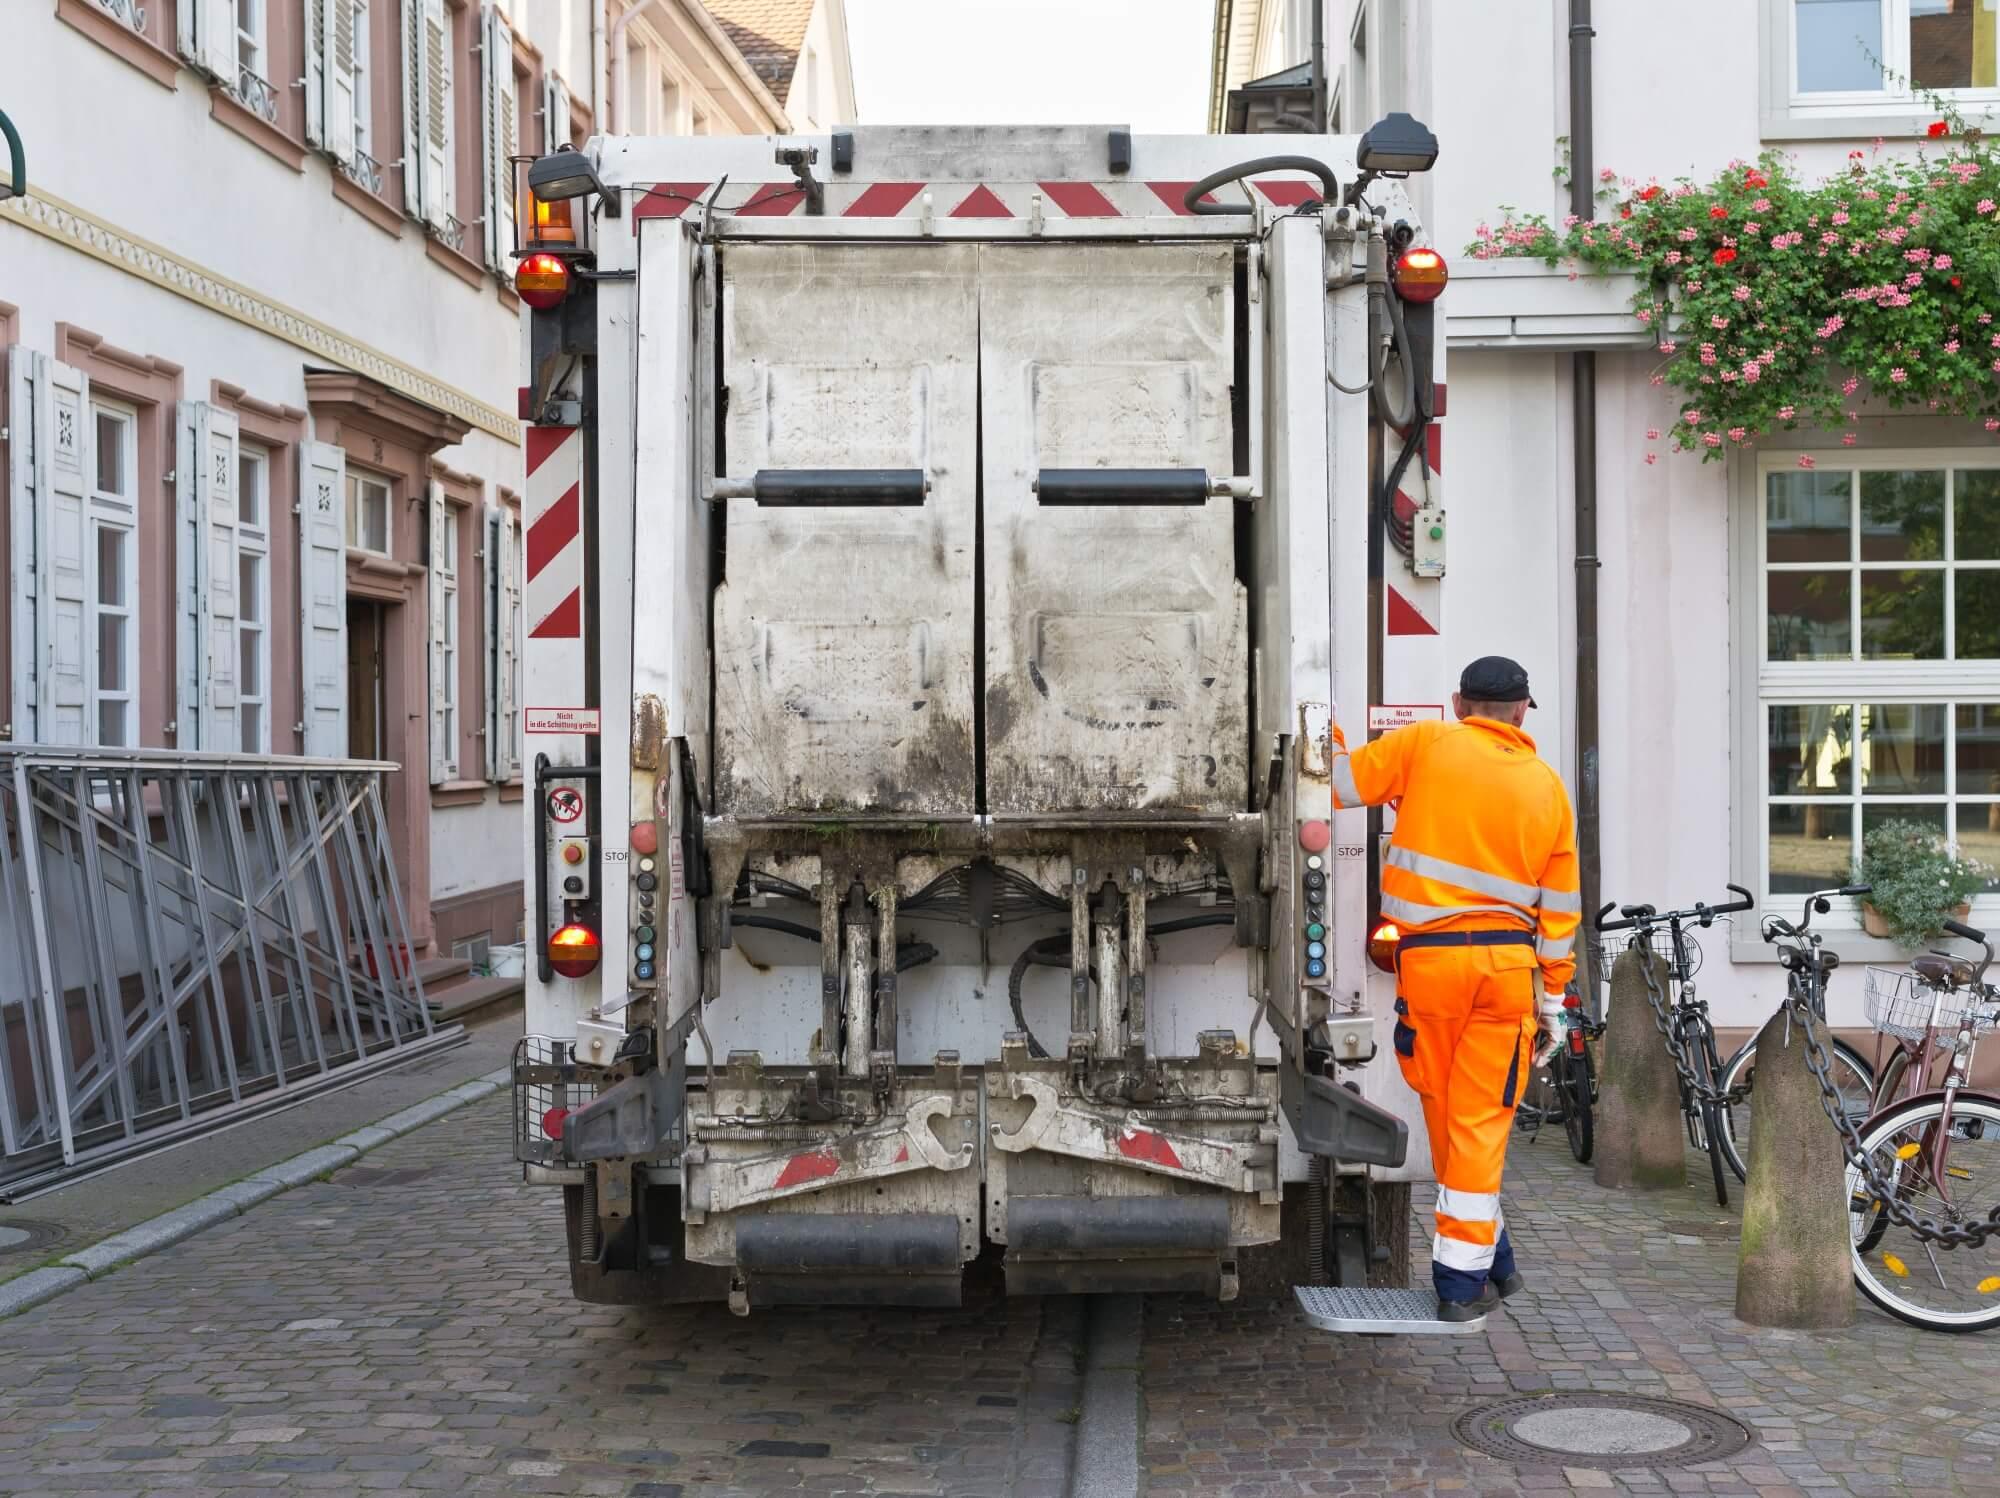 Rückwärtsfahren als Gefahrenquelle – Abfallsammlung